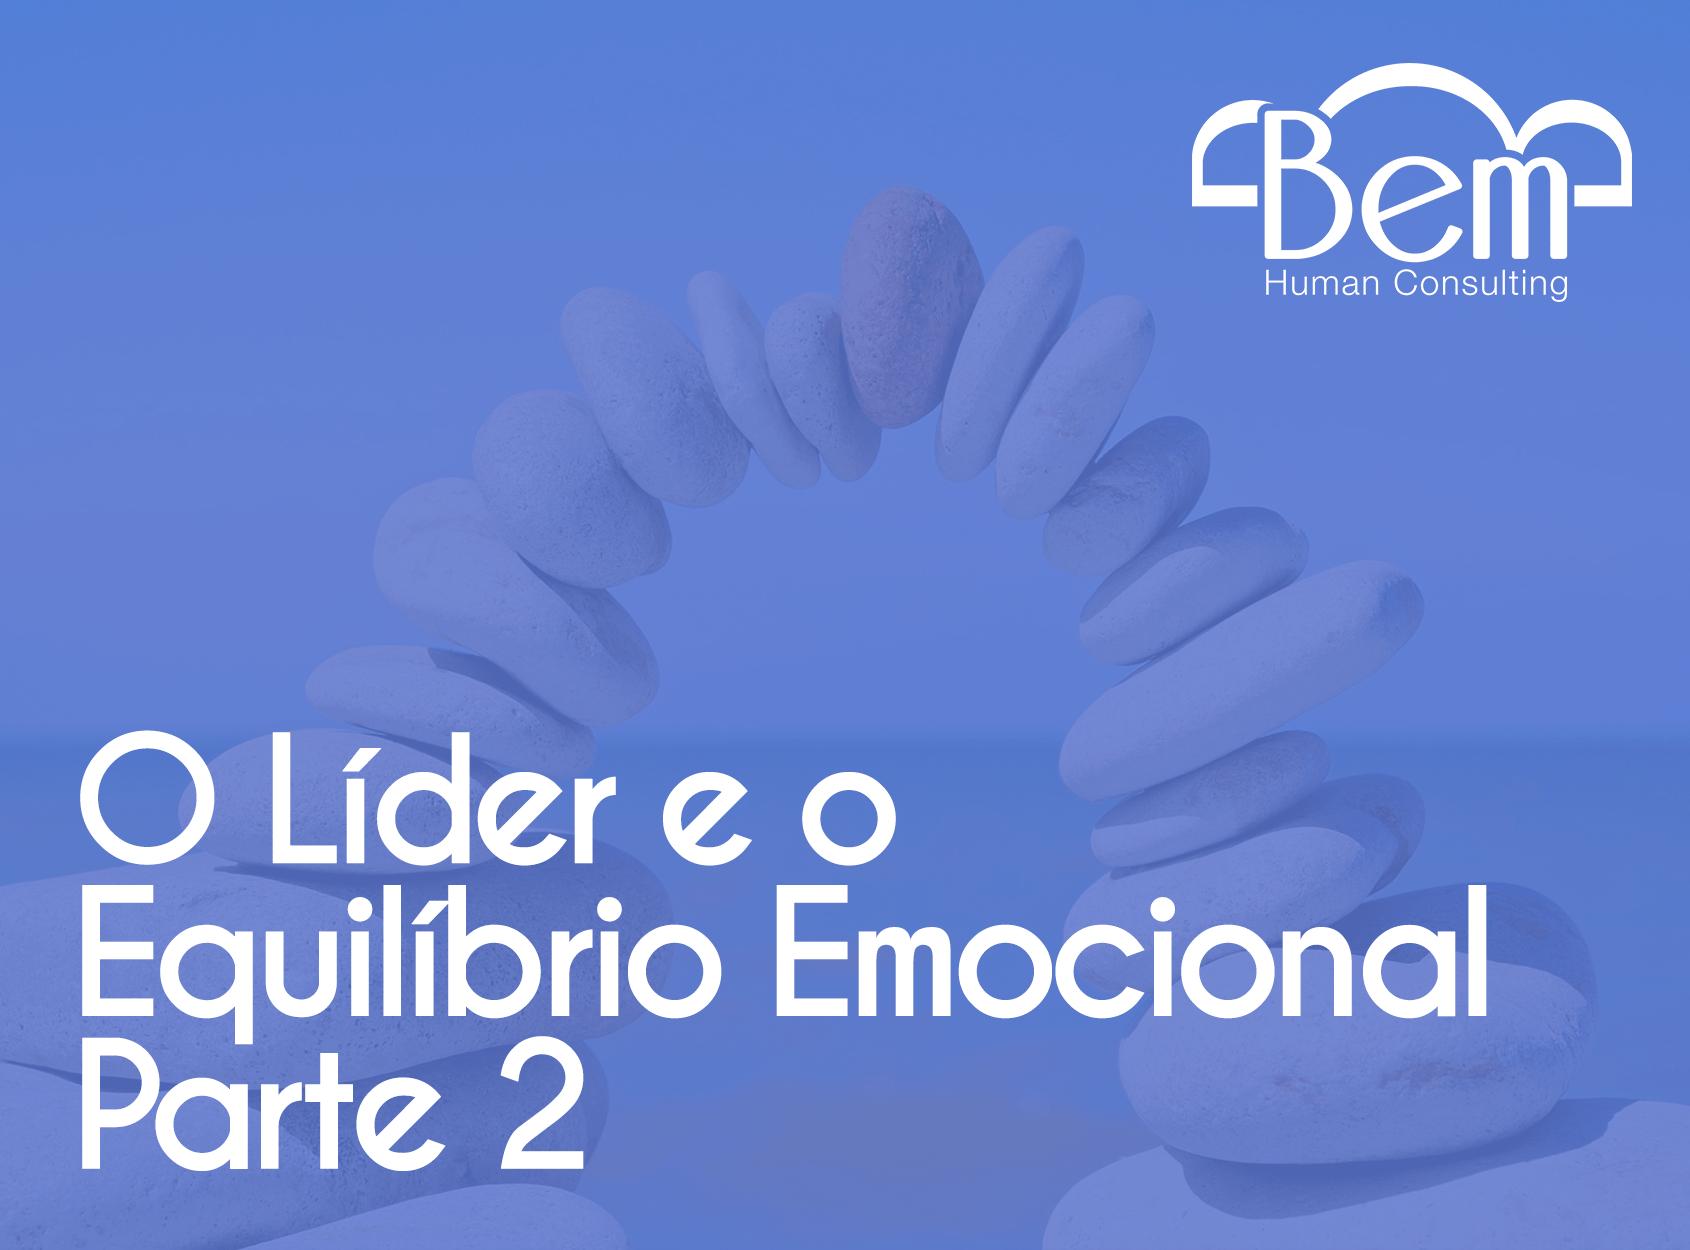 Estratégia de Recursos Humanos, Desenvolvimento de Liderança São Paulo, Estratégia de RH São Paulo, Coaching Executivo, Estratégia de RH, Desenvolvimento de Liderança Florianópolis.